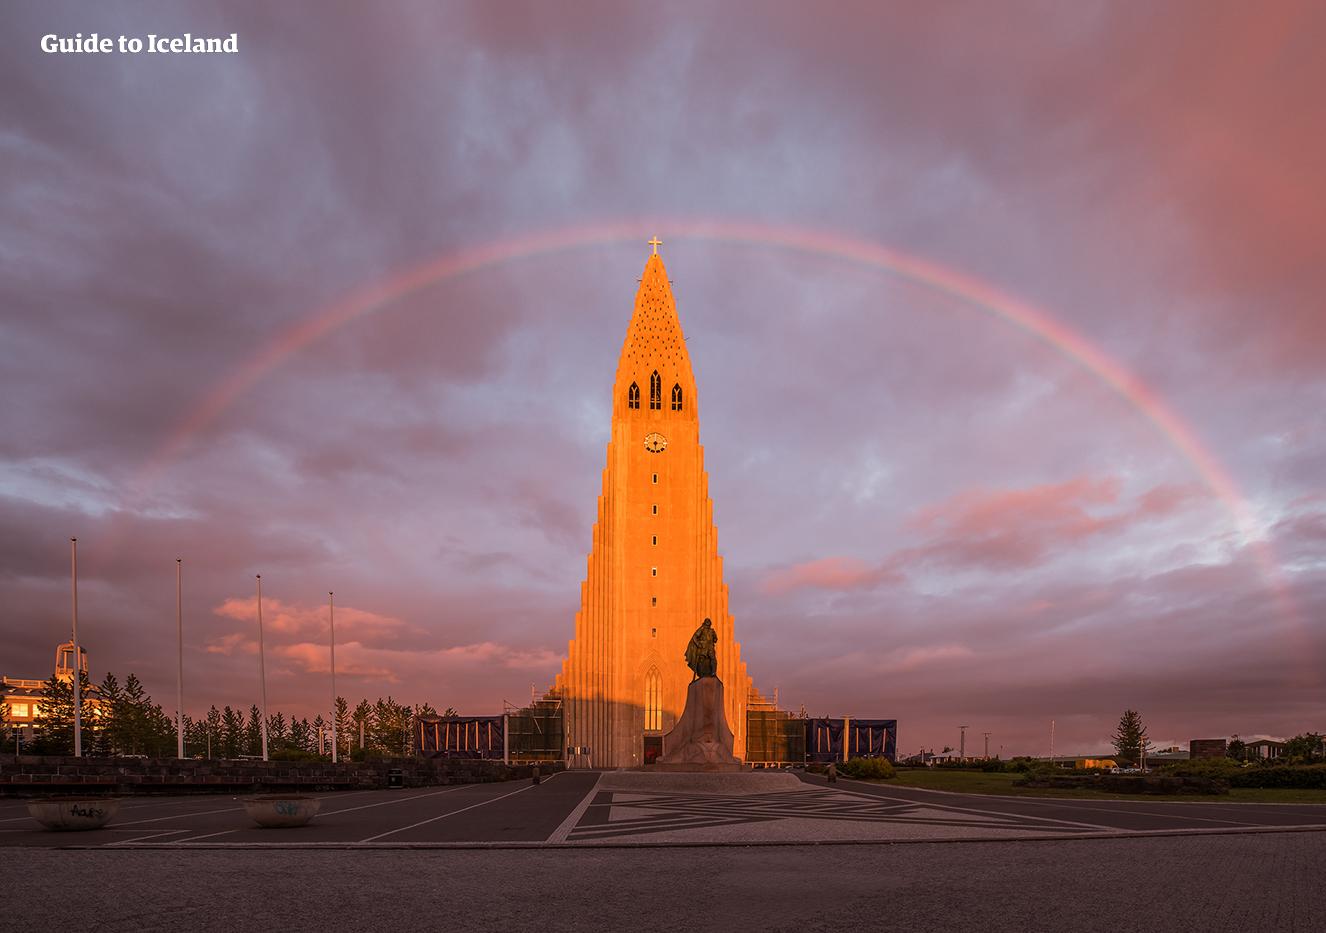 冰岛首都哈尔格林姆斯大教堂上的彩虹。